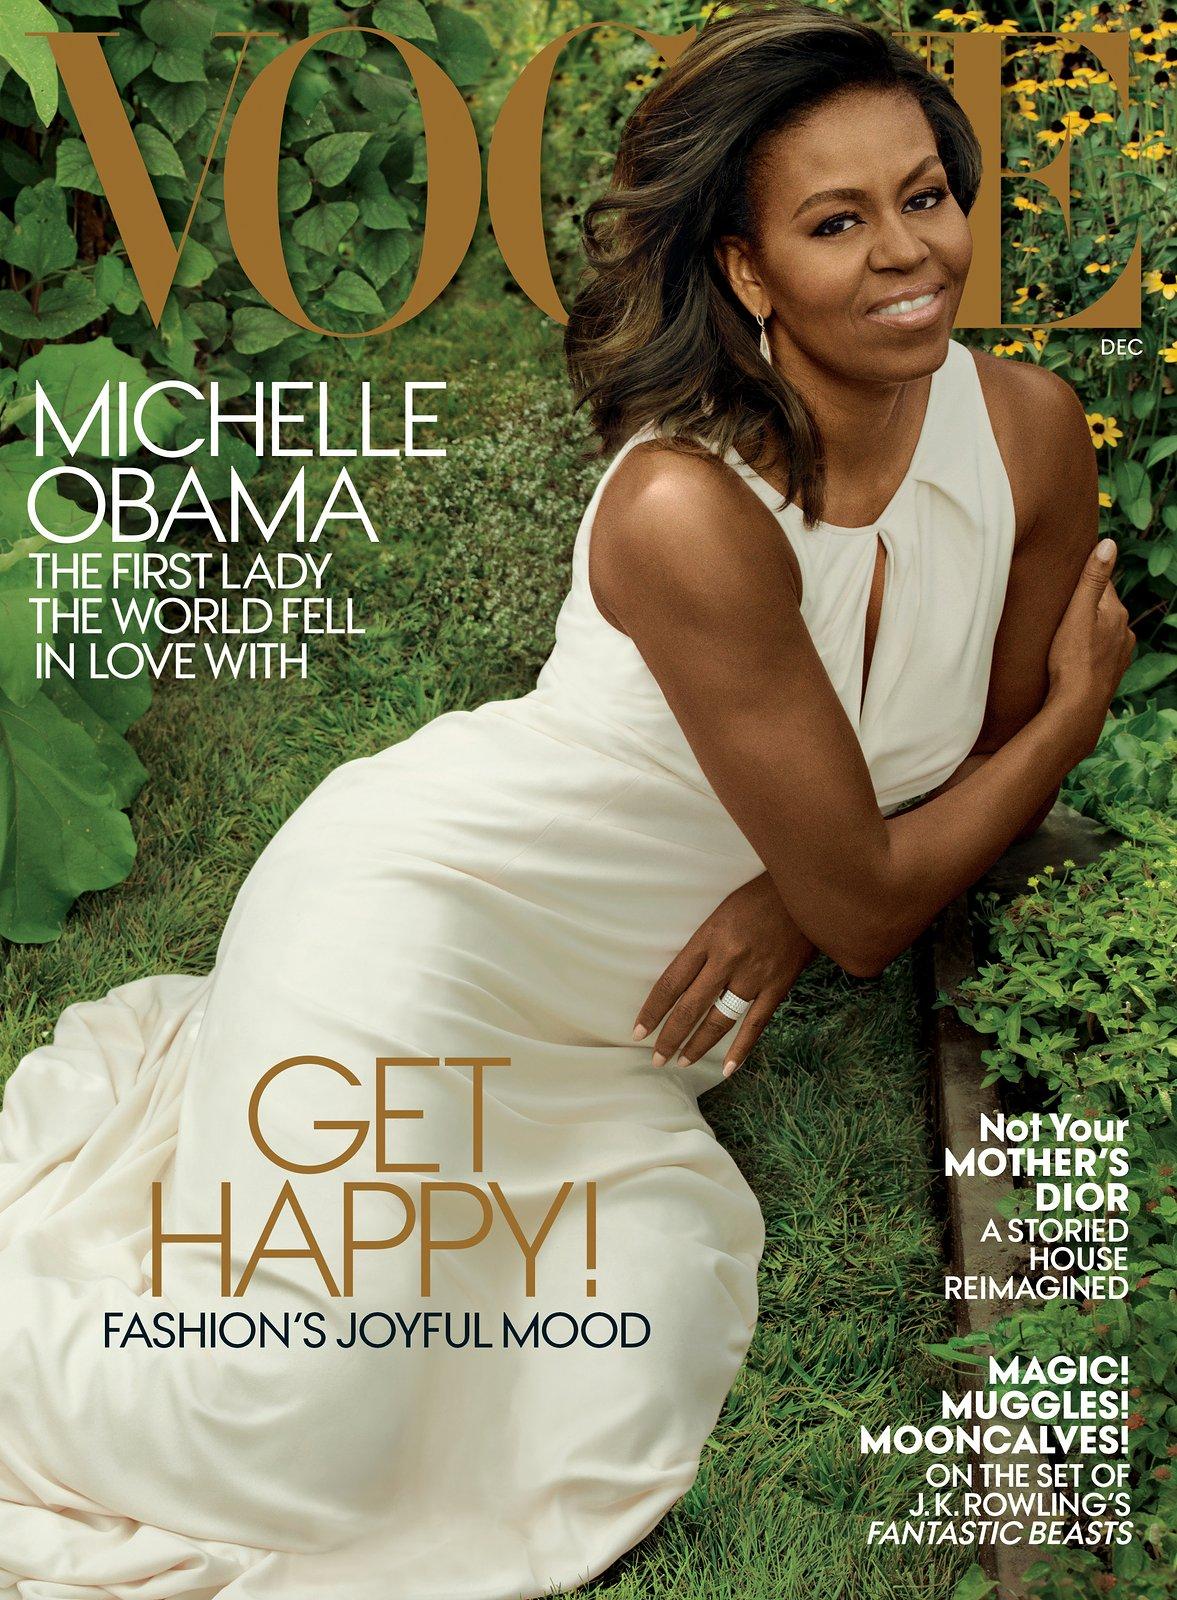 """Ostatnia okładka """"Vogue'a"""" z Michelle Obamą w roli Pierwszej Damy. I wyjątkowy wywiad"""